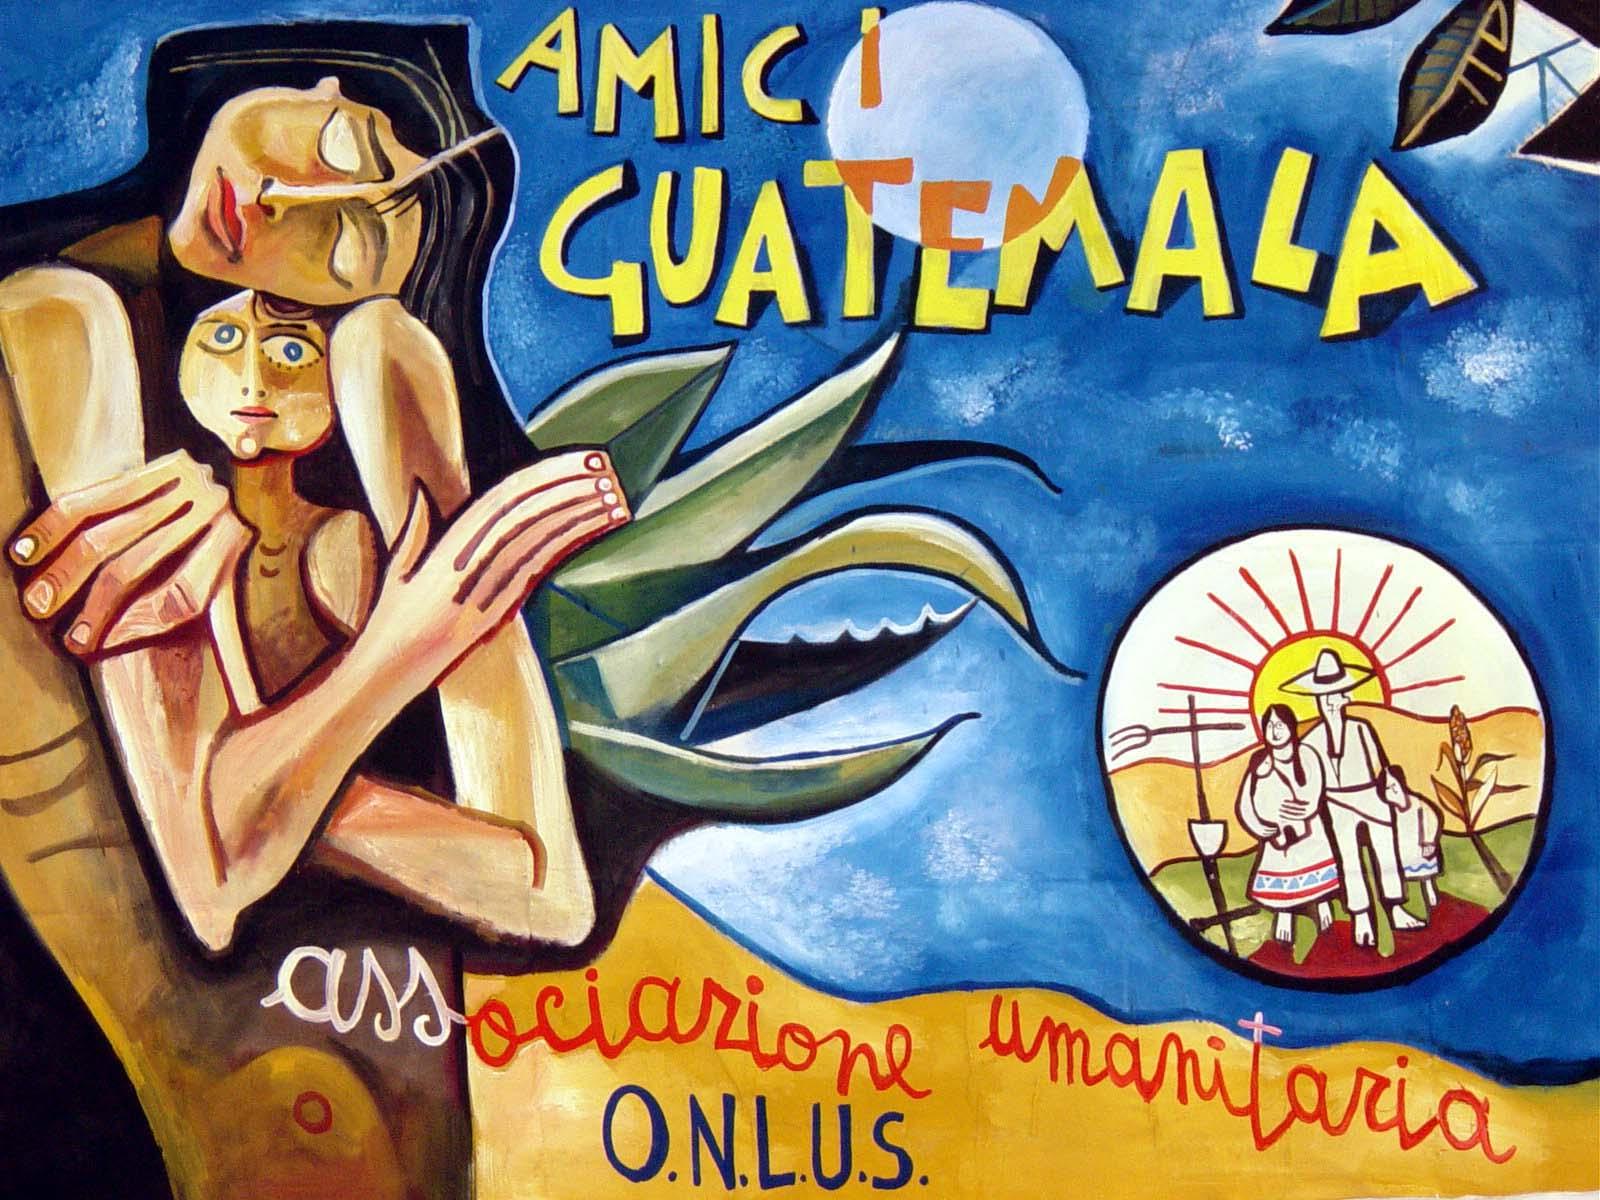 Amici del Guatemala ONLUS